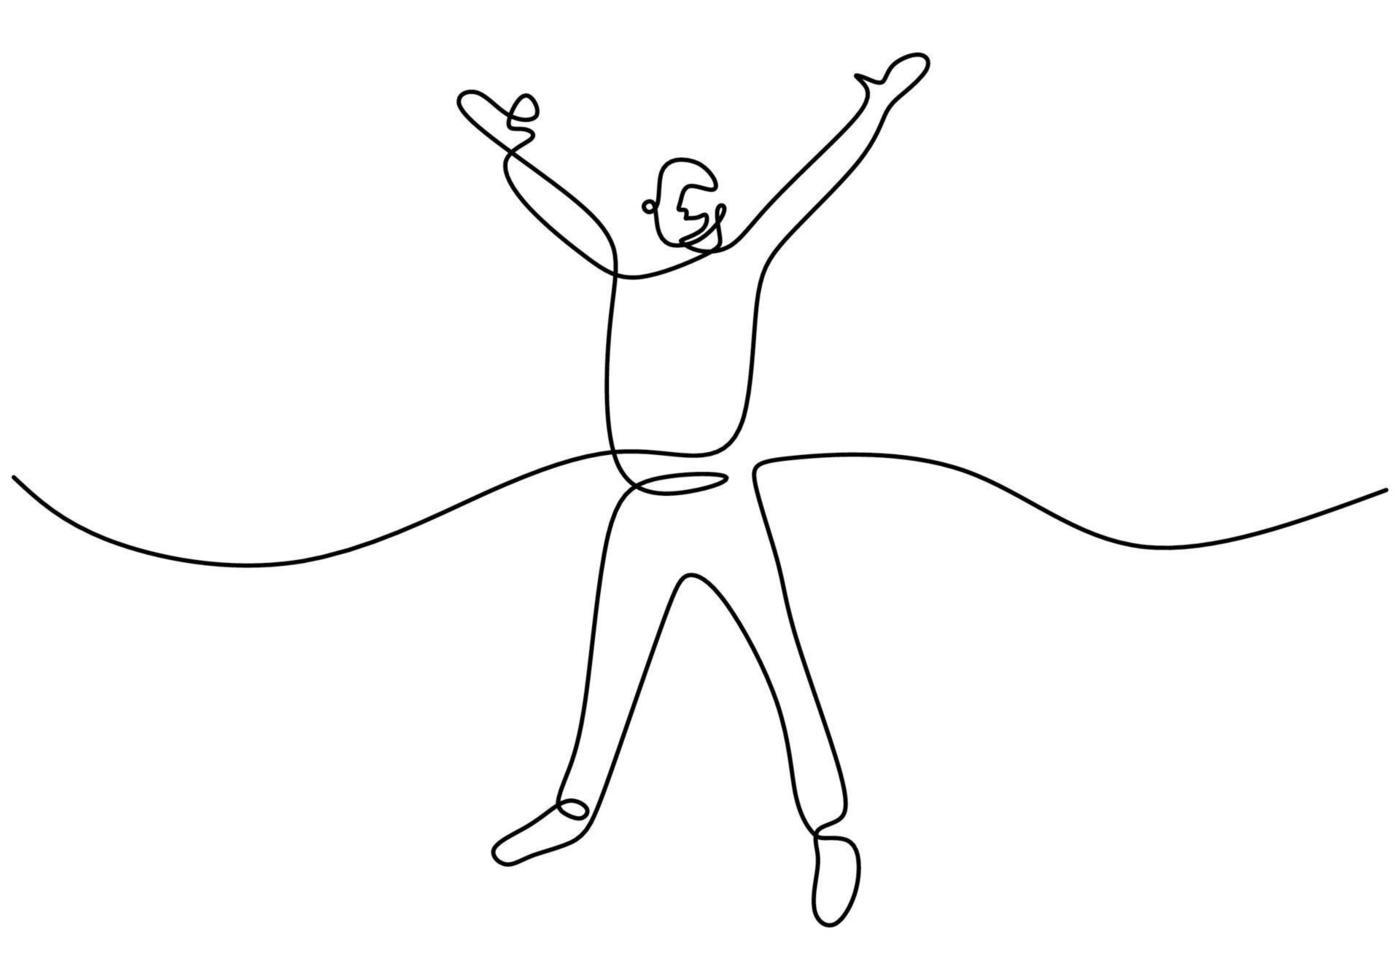 doorlopende lijntekening van gelukkig man springen. jonge aantrekkelijke mannelijke sprong ziet er gelukkig uit en vrijheid geïsoleerd op een witte achtergrond. prestatie en droom van succesconcept. vector schets illustratie